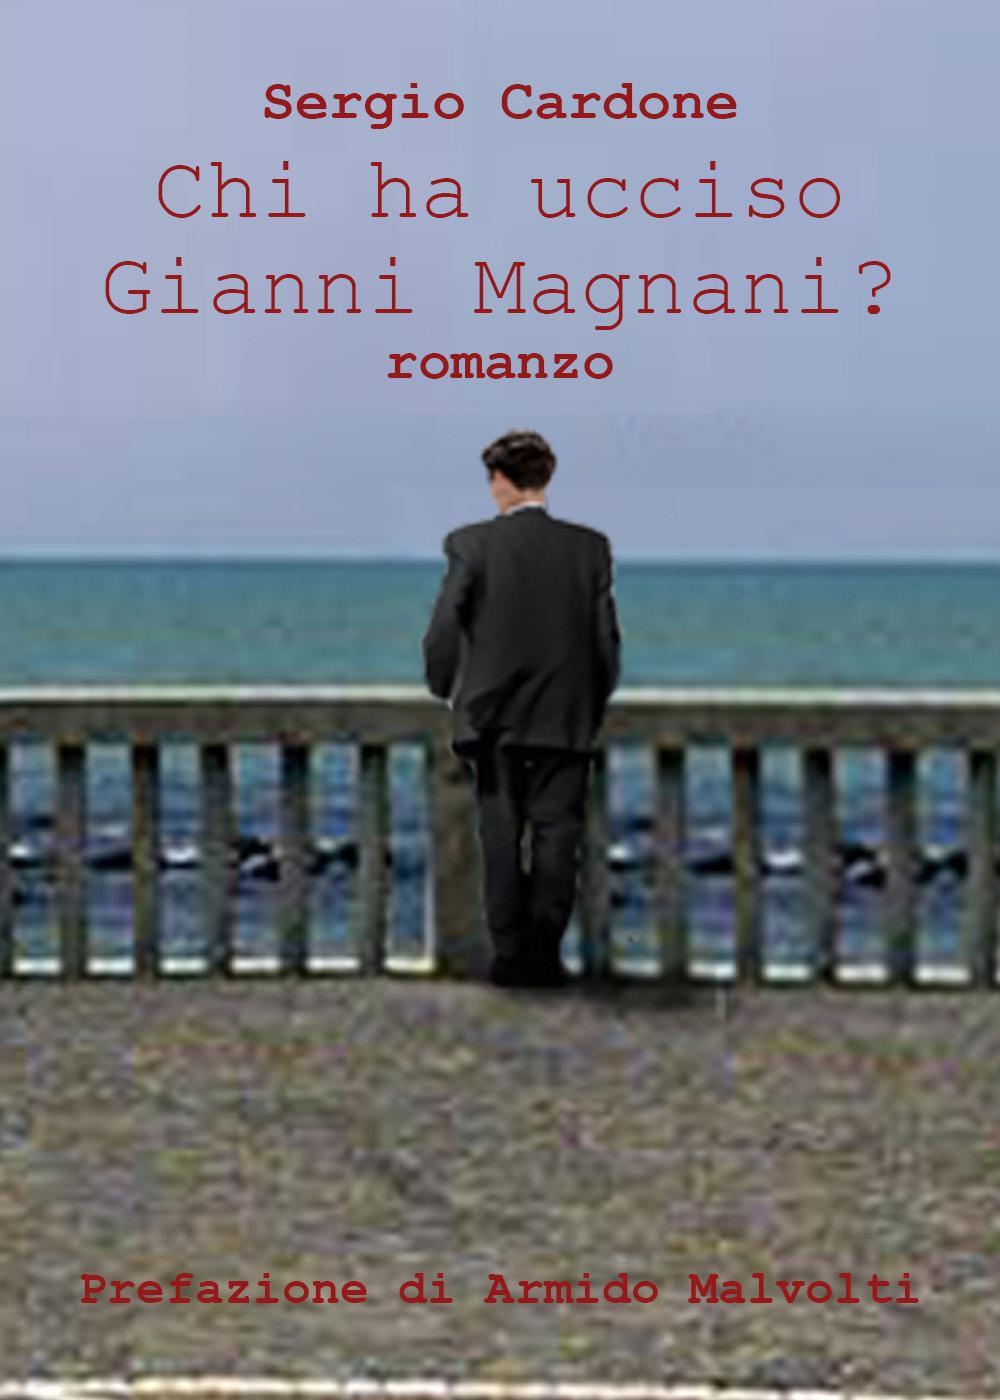 Chi ha ucciso Gianni Magnani?